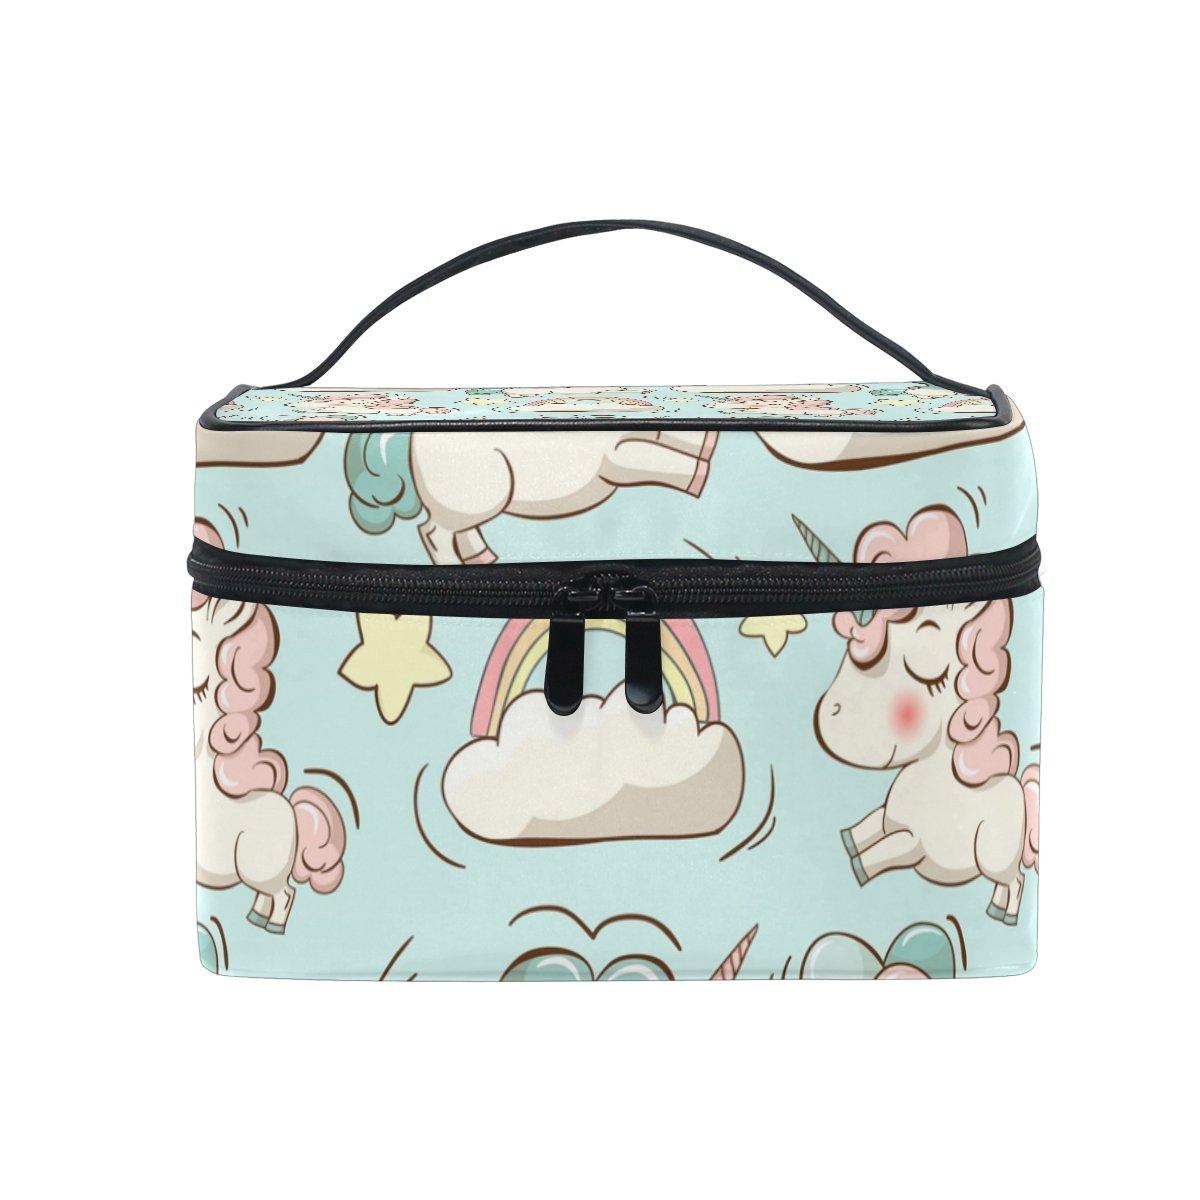 Coosun unicorni e nuvole modello in tela, viaggio trousse da borsa maniglia superiore singolo strato multifunzione organizer per cosmetici di trucco per donne